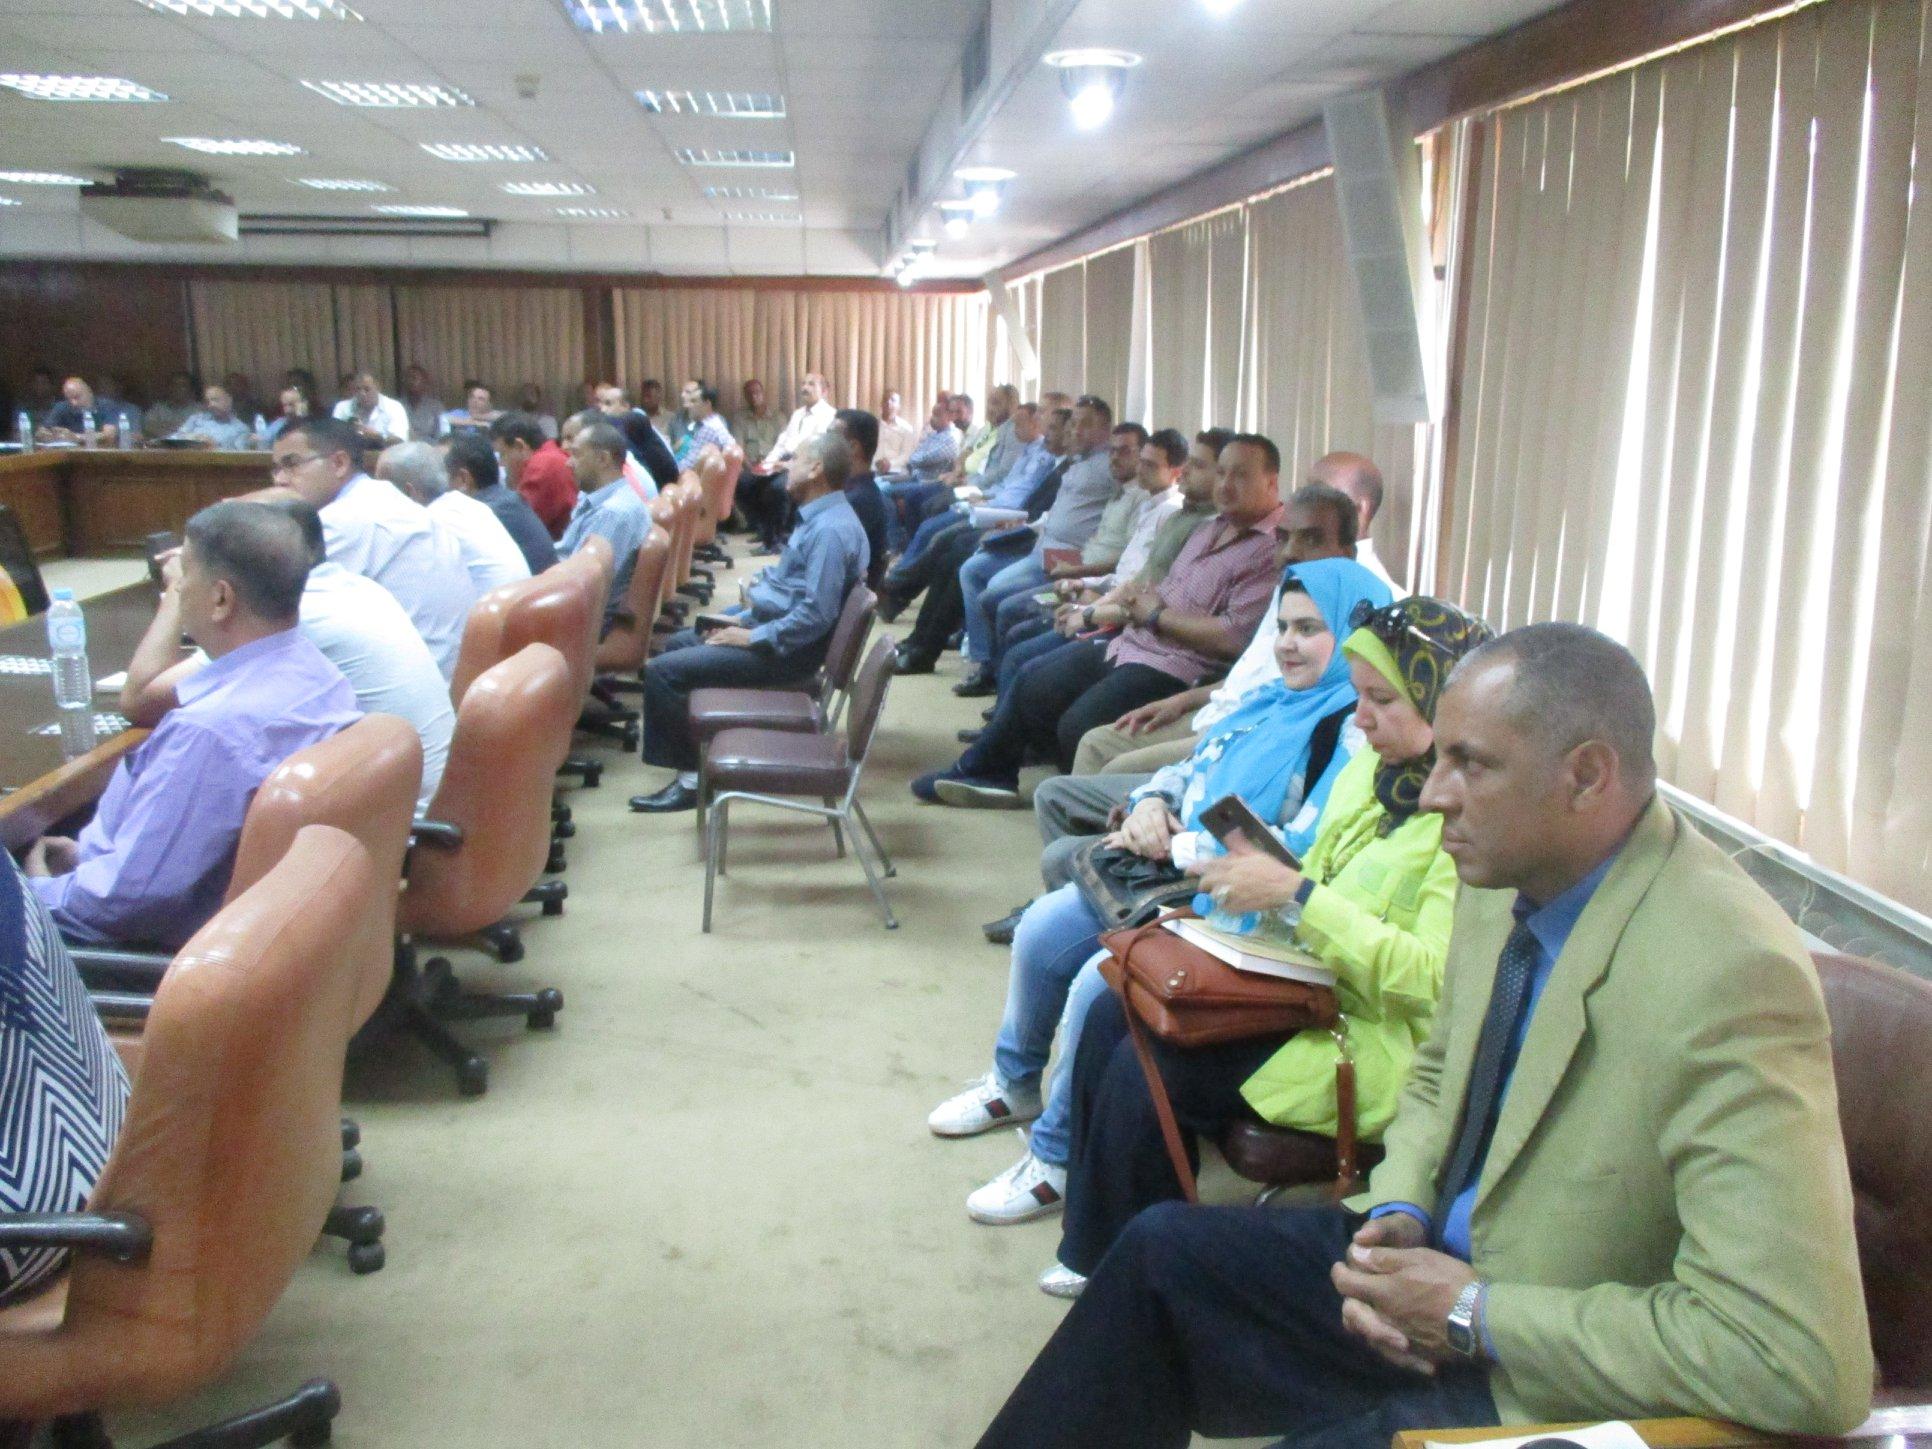 مركز التنمية المحلية للتدريب بسقارة ينظم 4 دورات تدريبية جديدة (2)